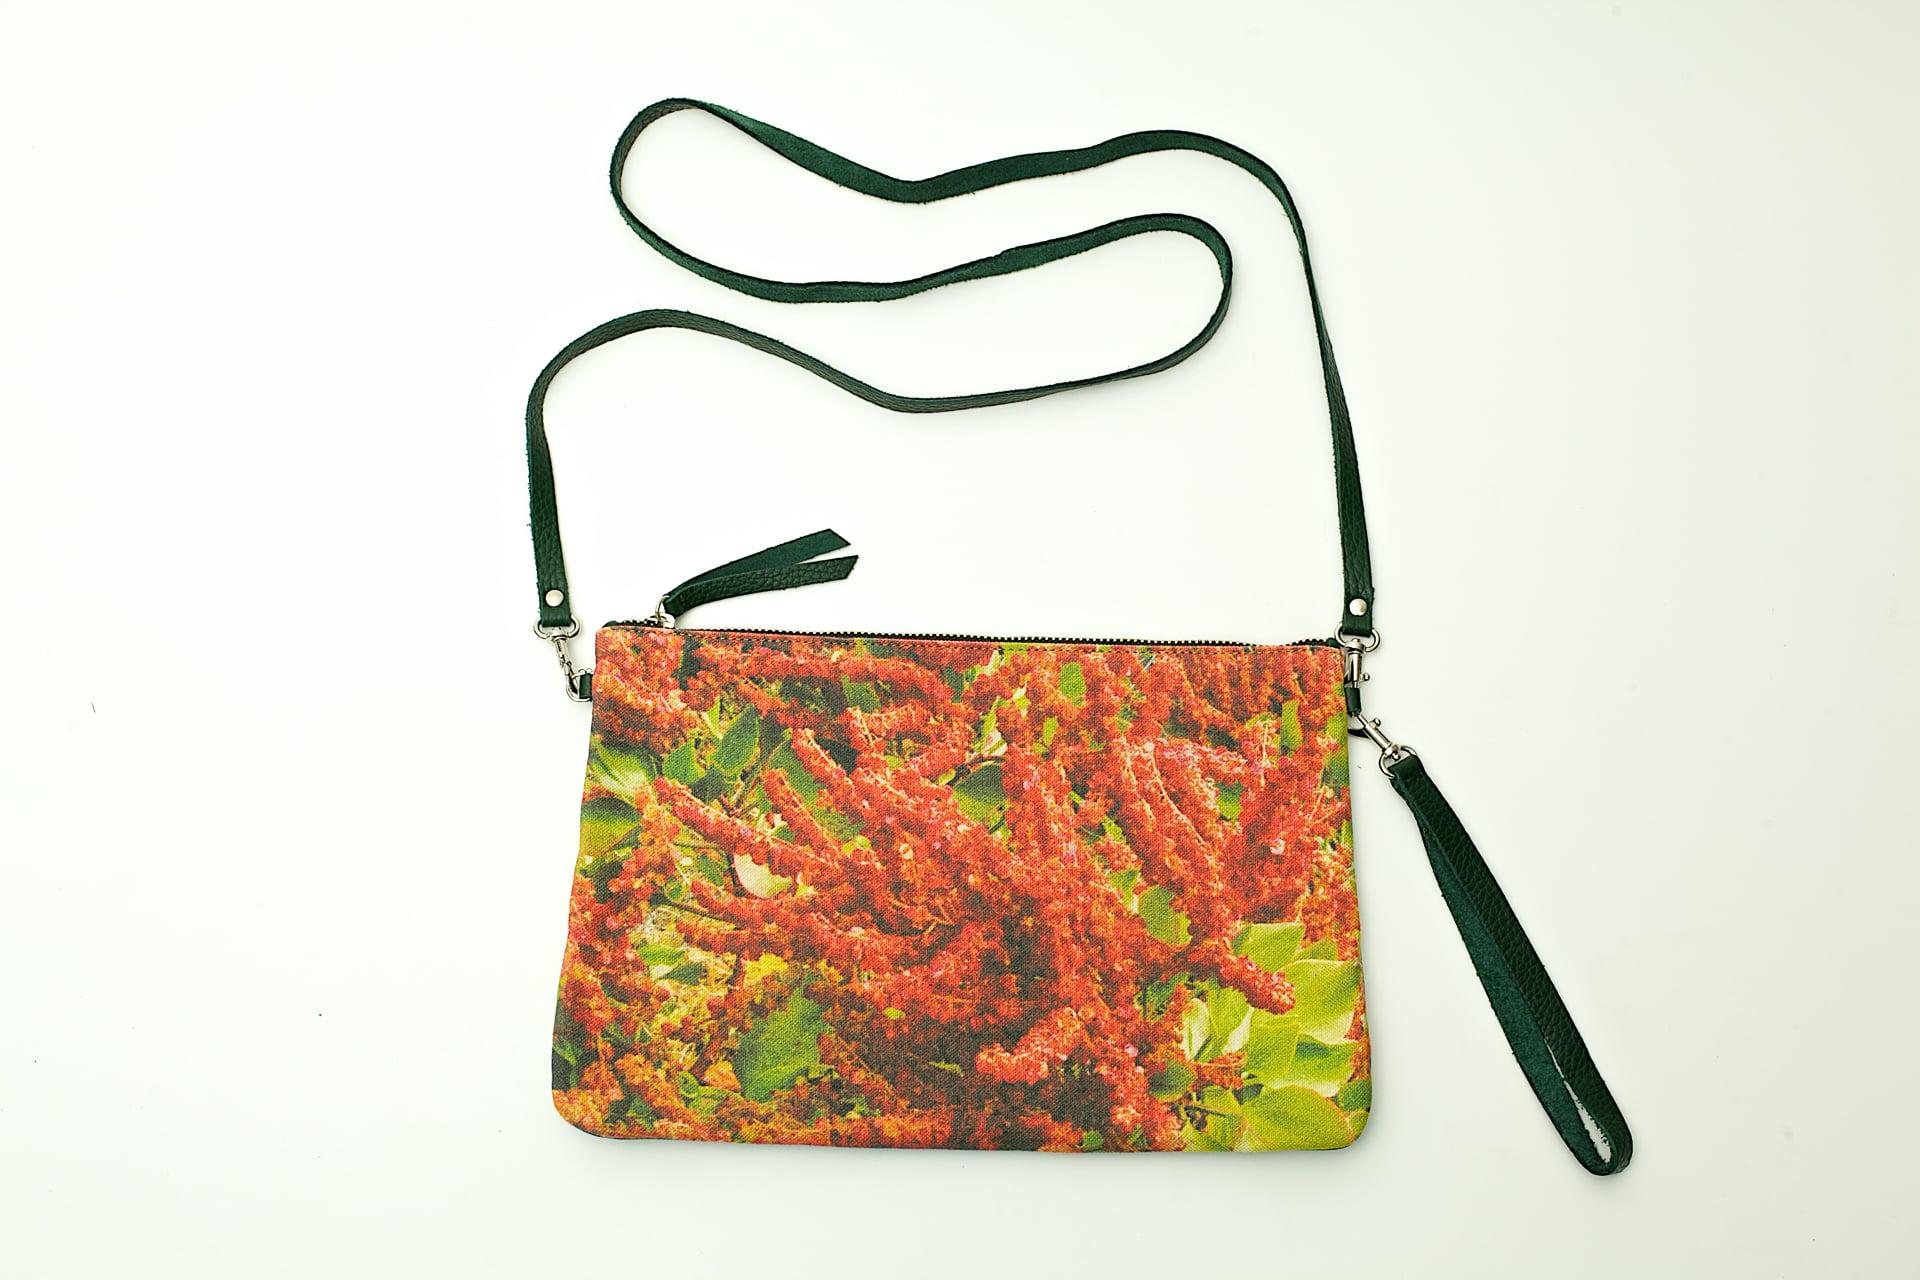 Vinagrera_frontal_handbag